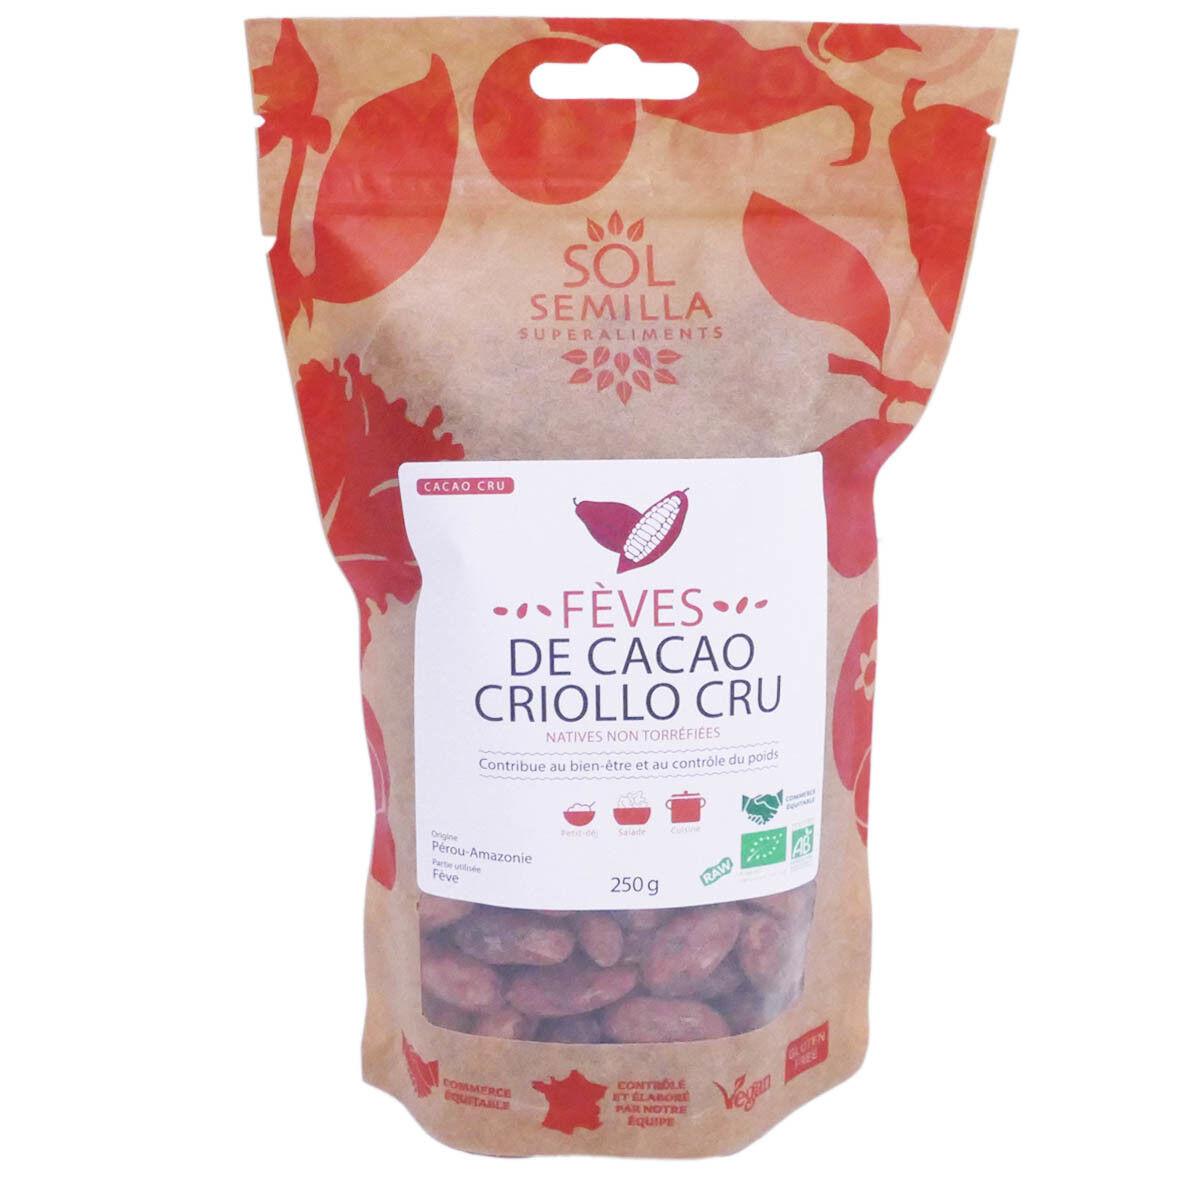 Sol semilla cacao cru bio feves 250g